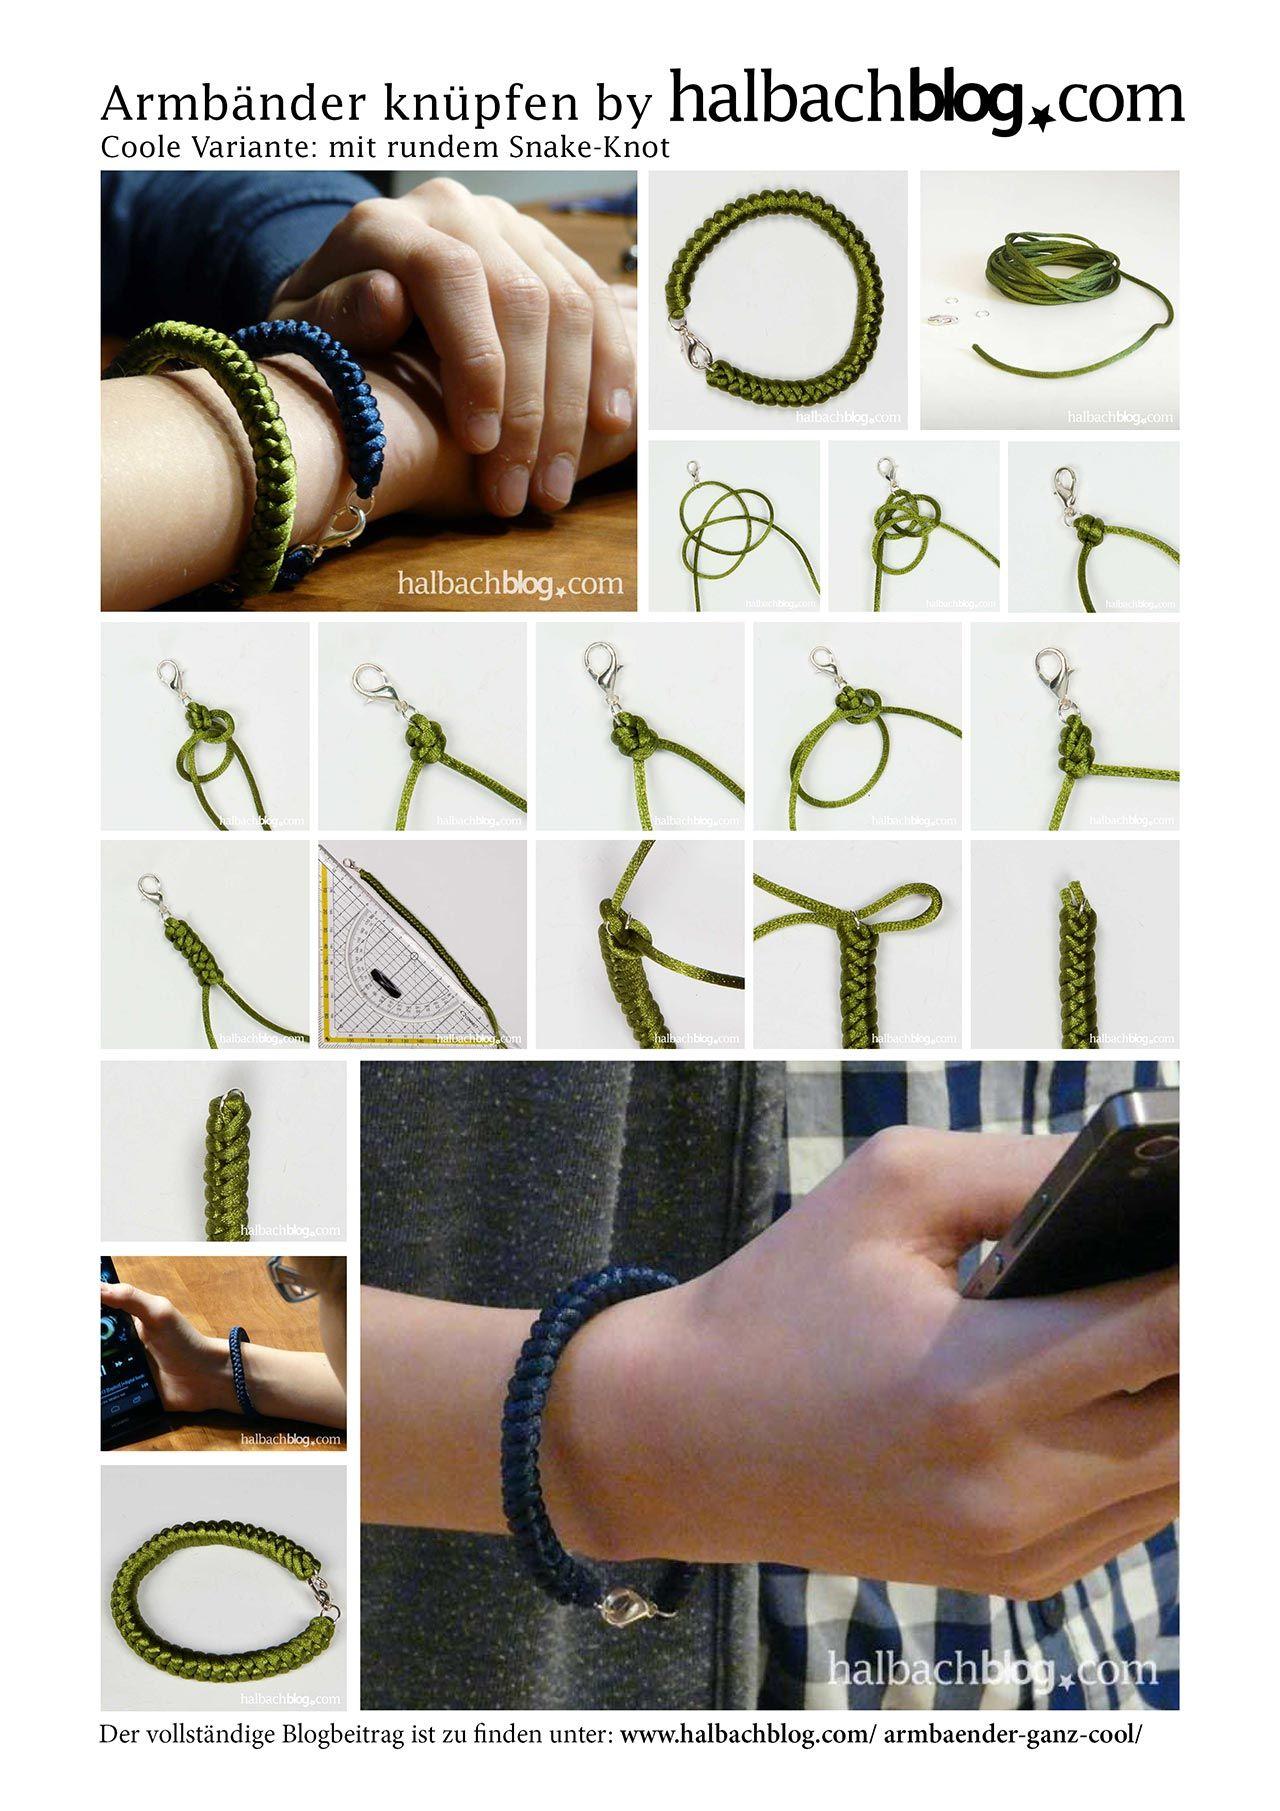 Eine Lassige Armbander Variante Zum Selber Machen Fur Alle Die Es